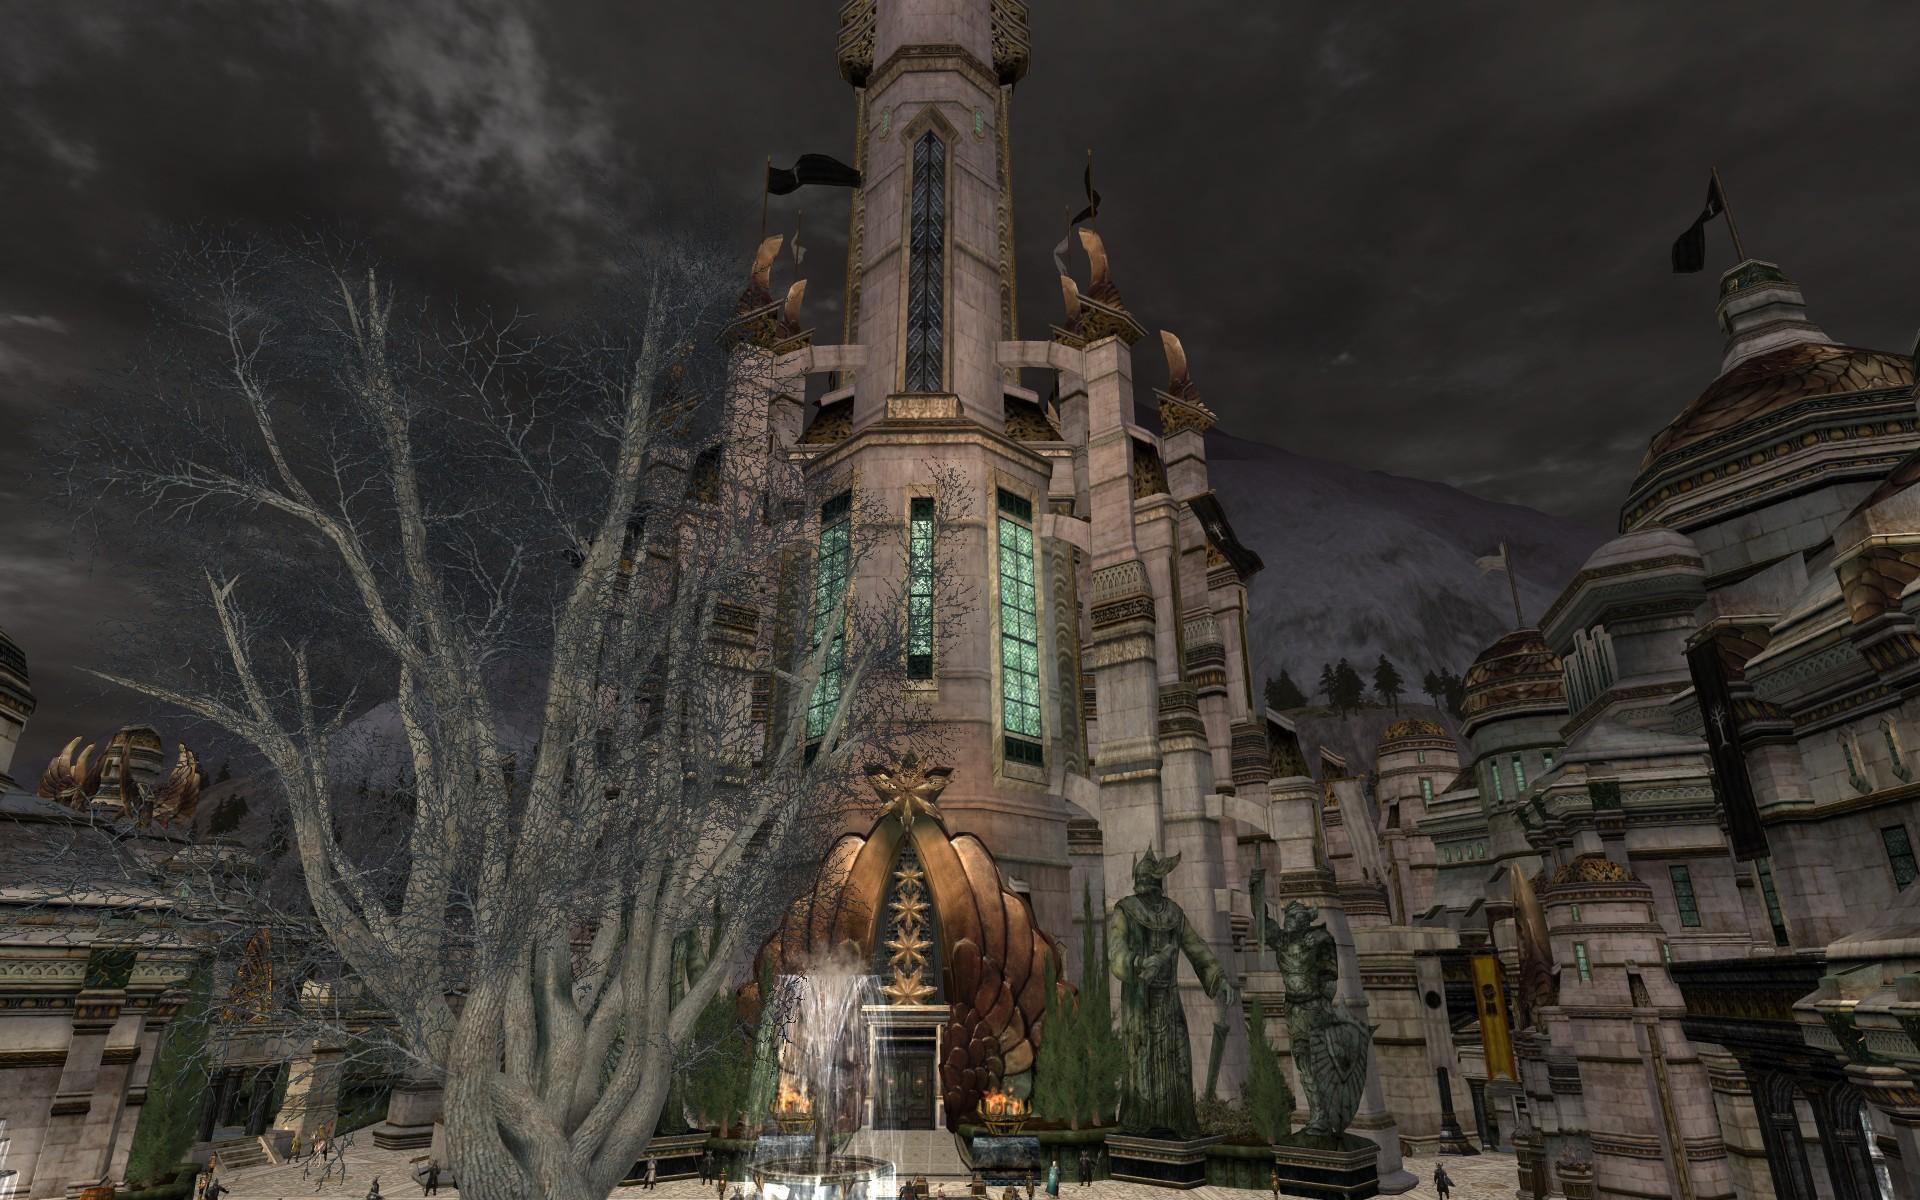 『ロード・オブ・ザ・リングス オンライン』における白の塔